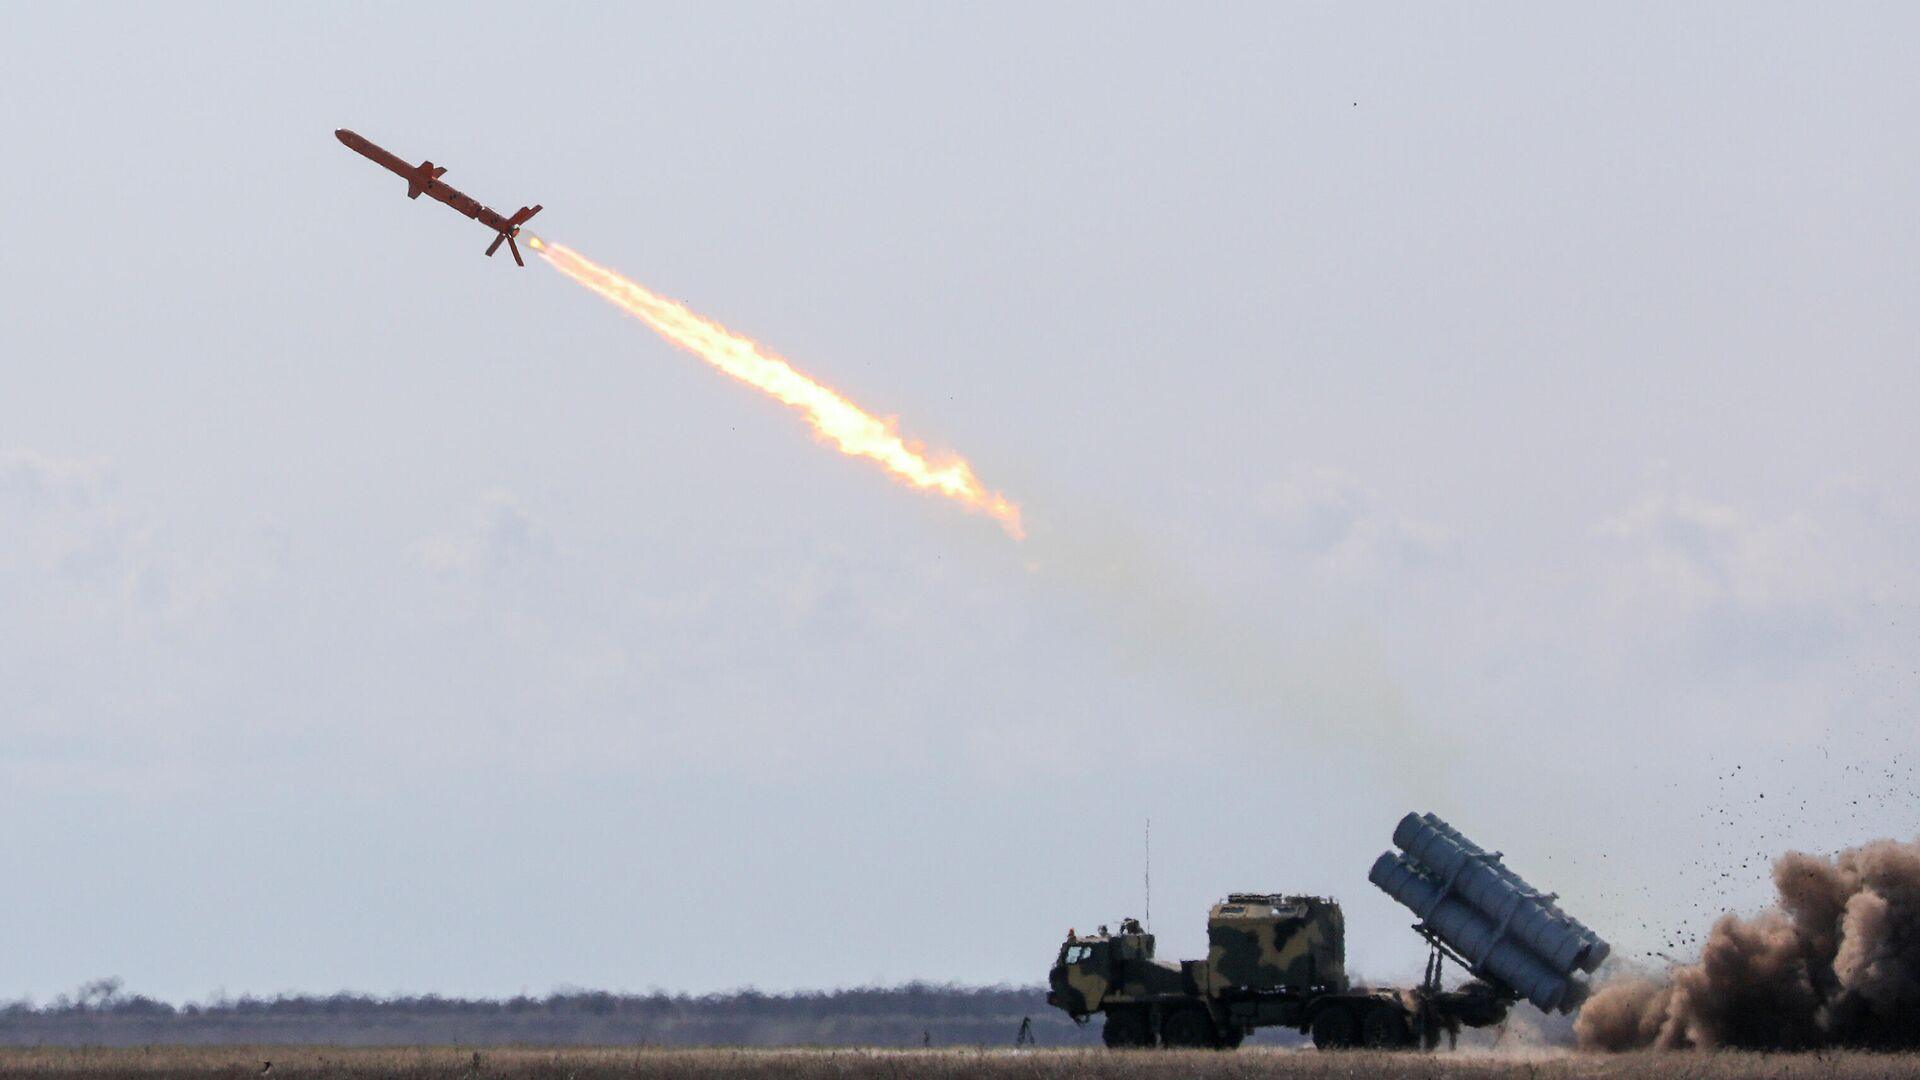 Испытания украинской крылатой ракеты Нептун - РИА Новости, 1920, 18.10.2020